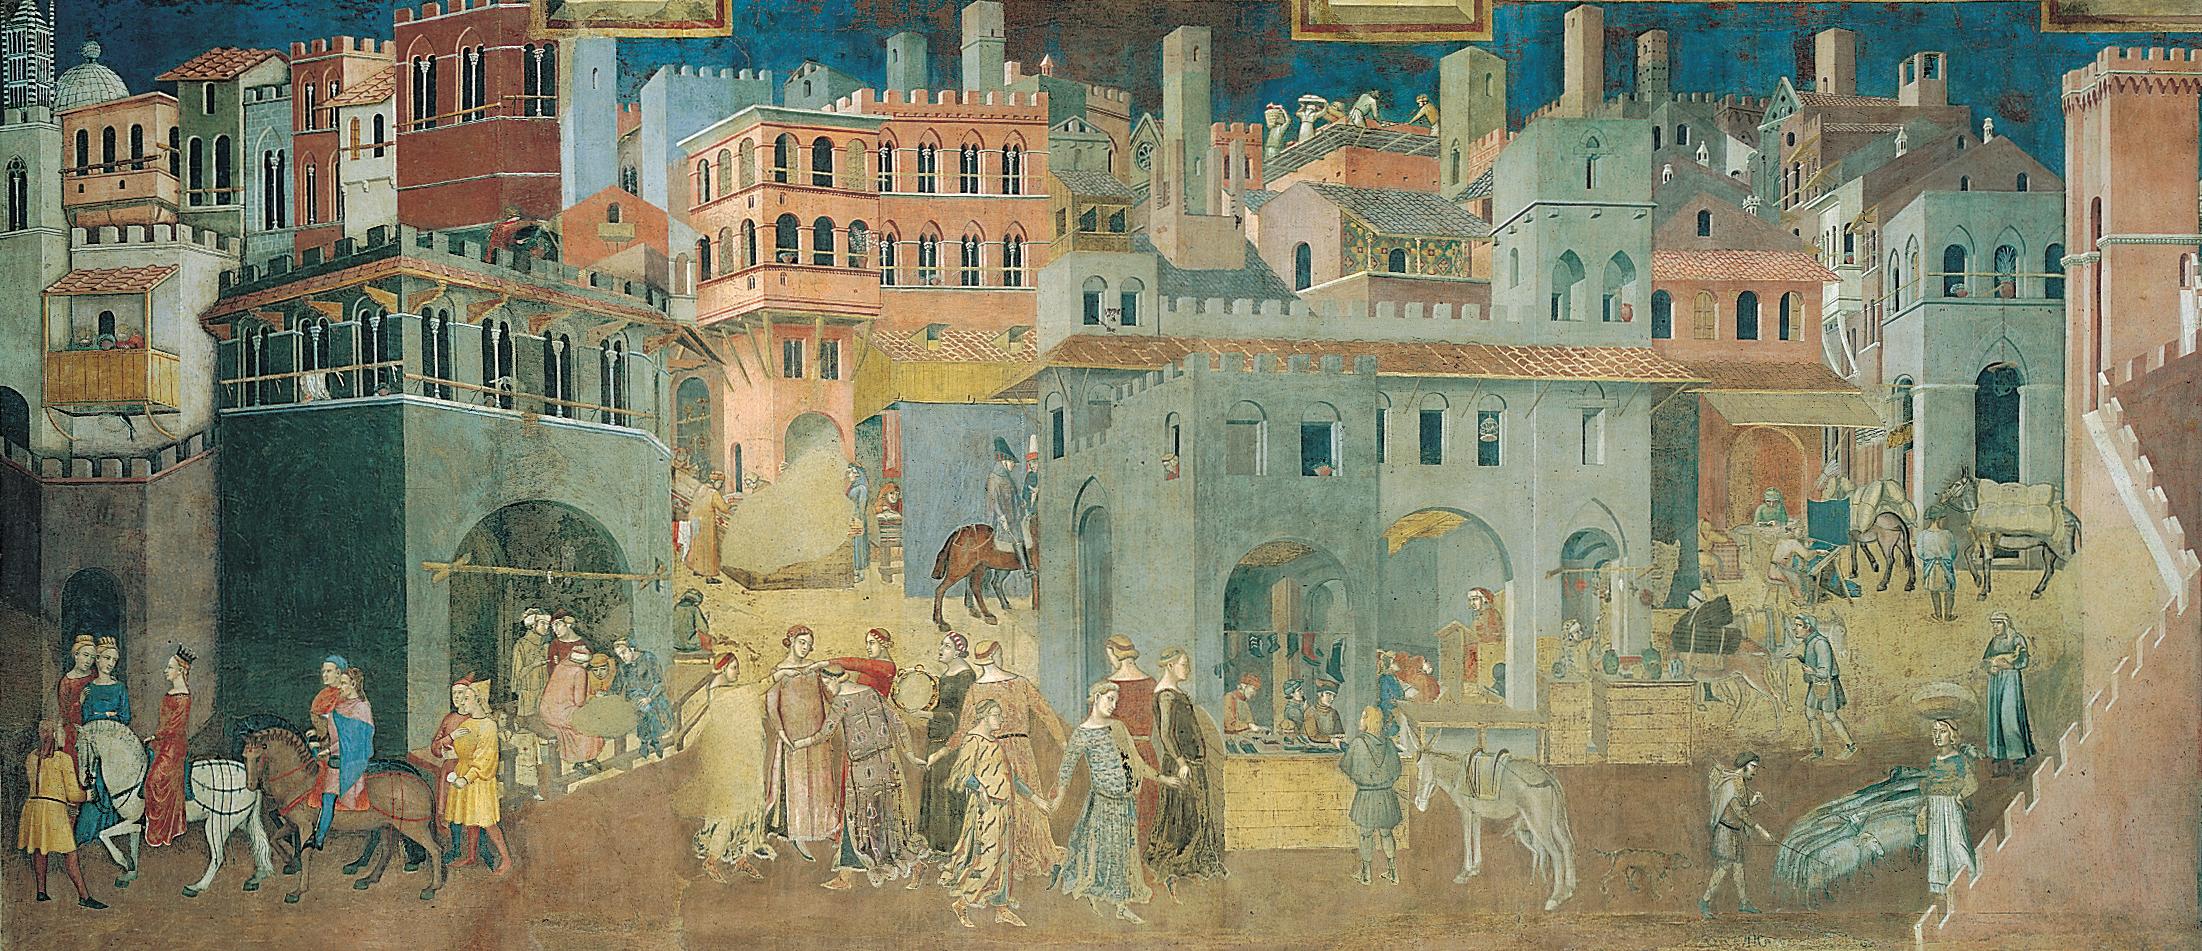 ambrogio-lorenzetti-les-effets-du-bon-gouvernement-en-ville-1338-fresques-palazzo-vecchio-sienne-1